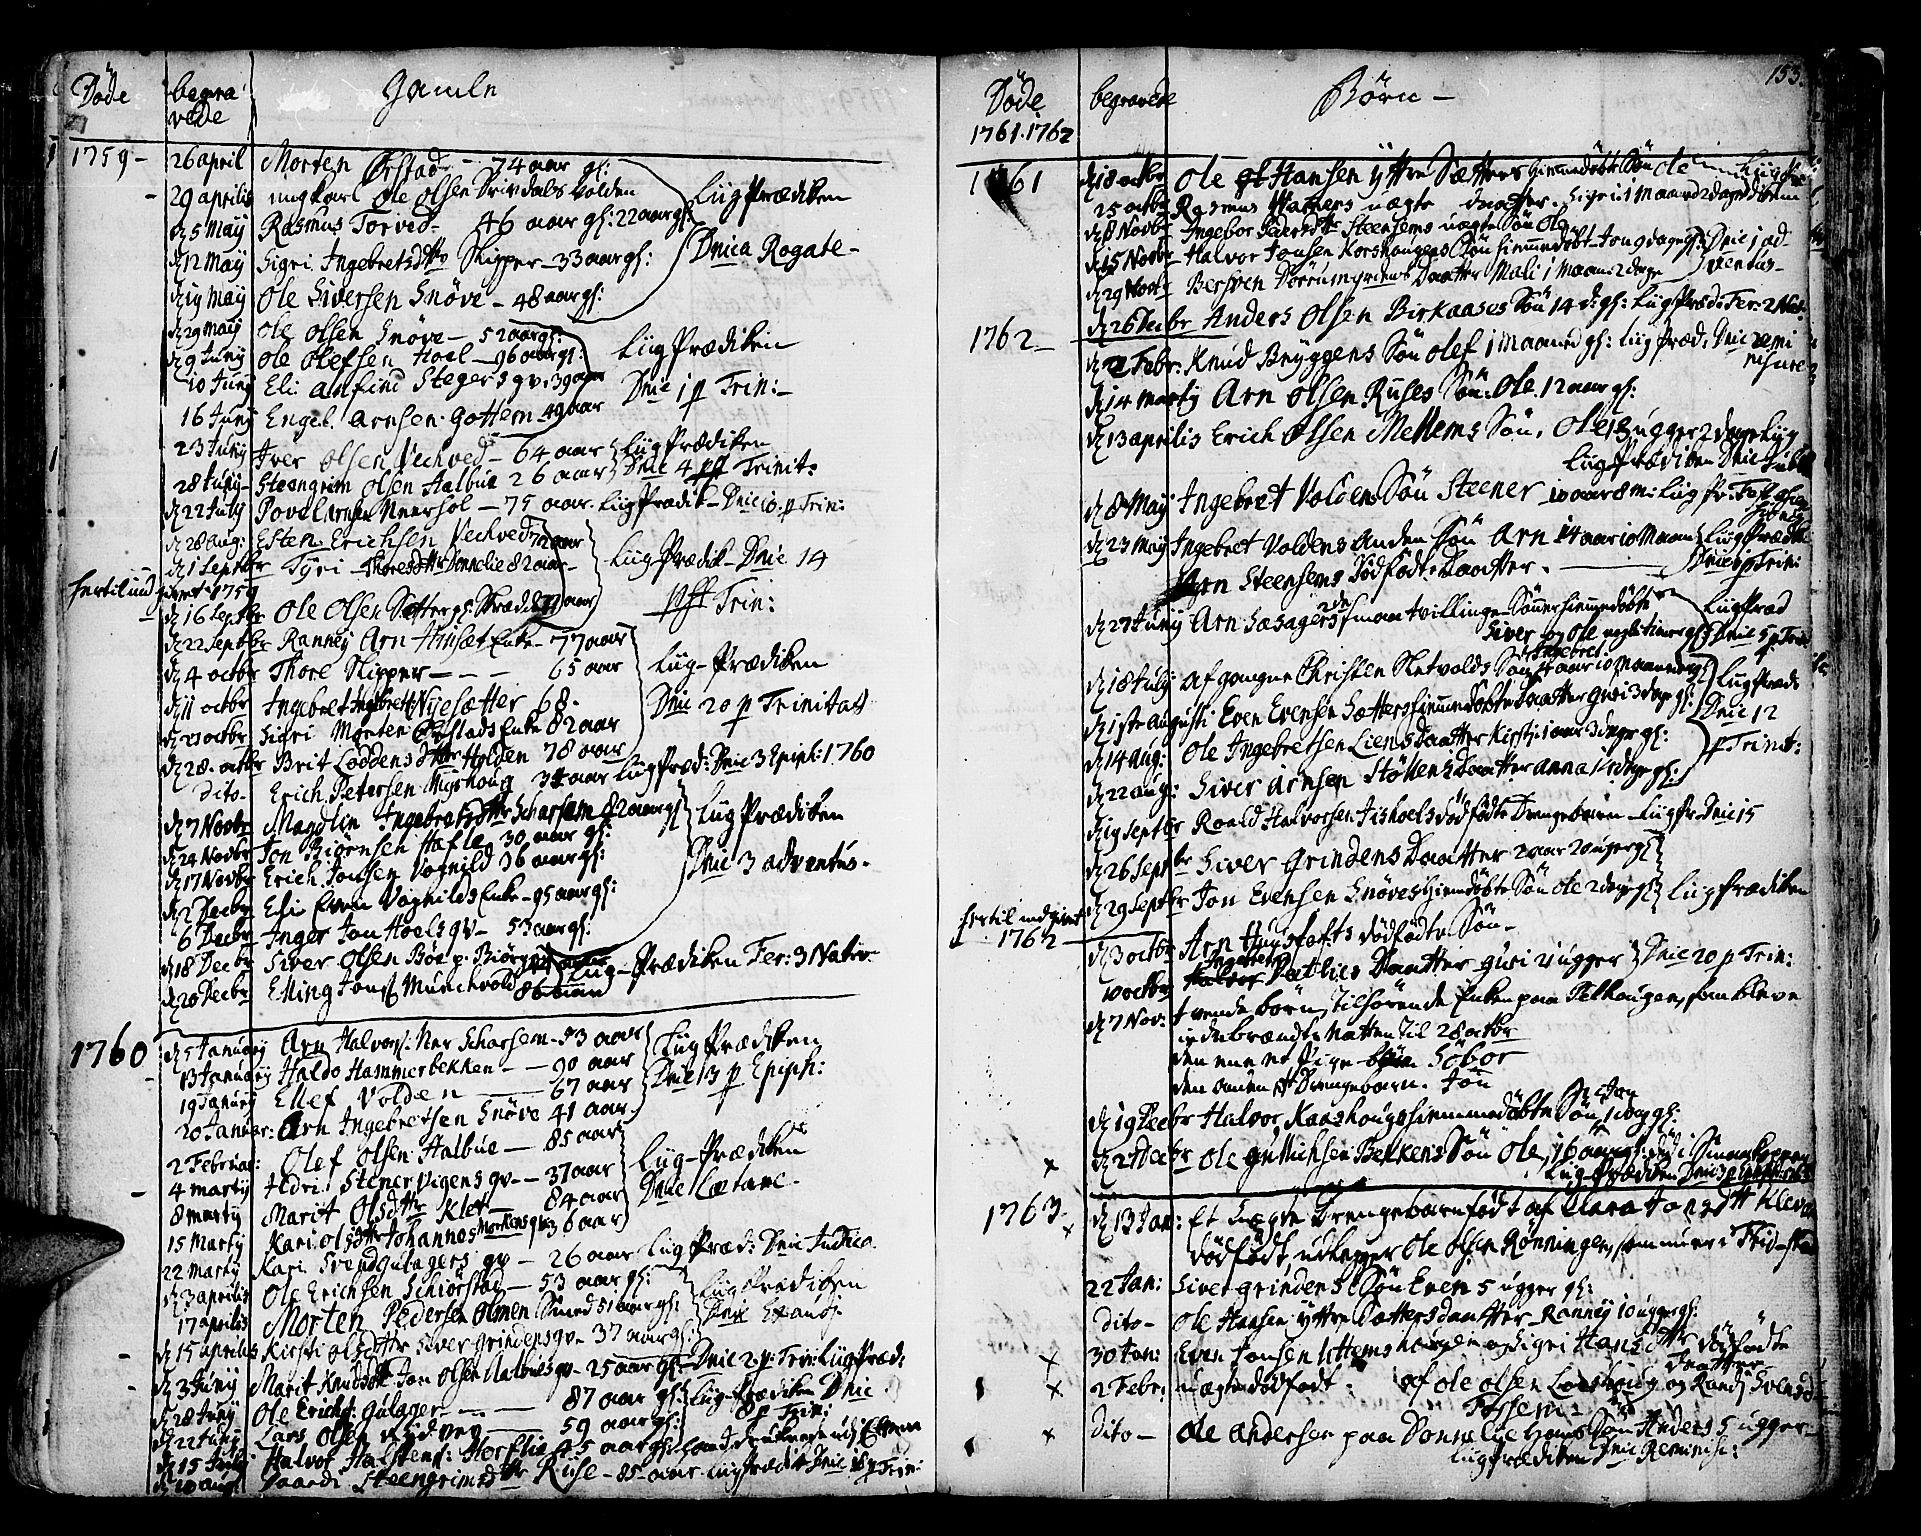 SAT, Ministerialprotokoller, klokkerbøker og fødselsregistre - Sør-Trøndelag, 678/L0891: Ministerialbok nr. 678A01, 1739-1780, s. 153